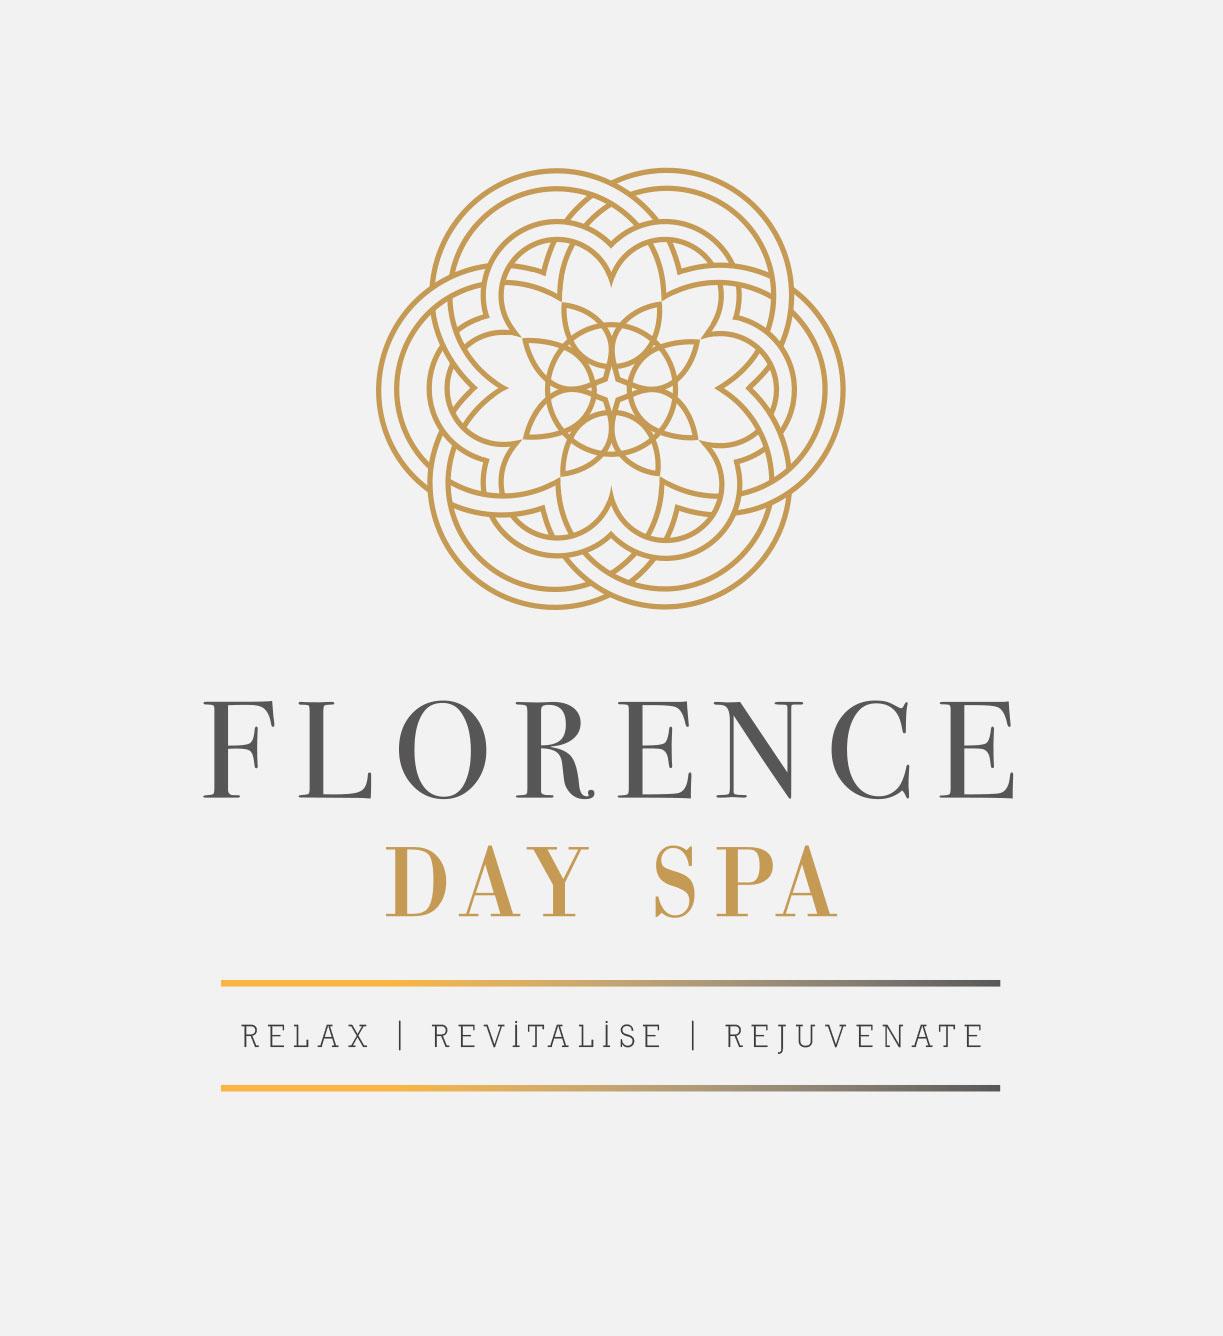 342-florence-day-spa-logo-MASTER-HI-RES.jpg